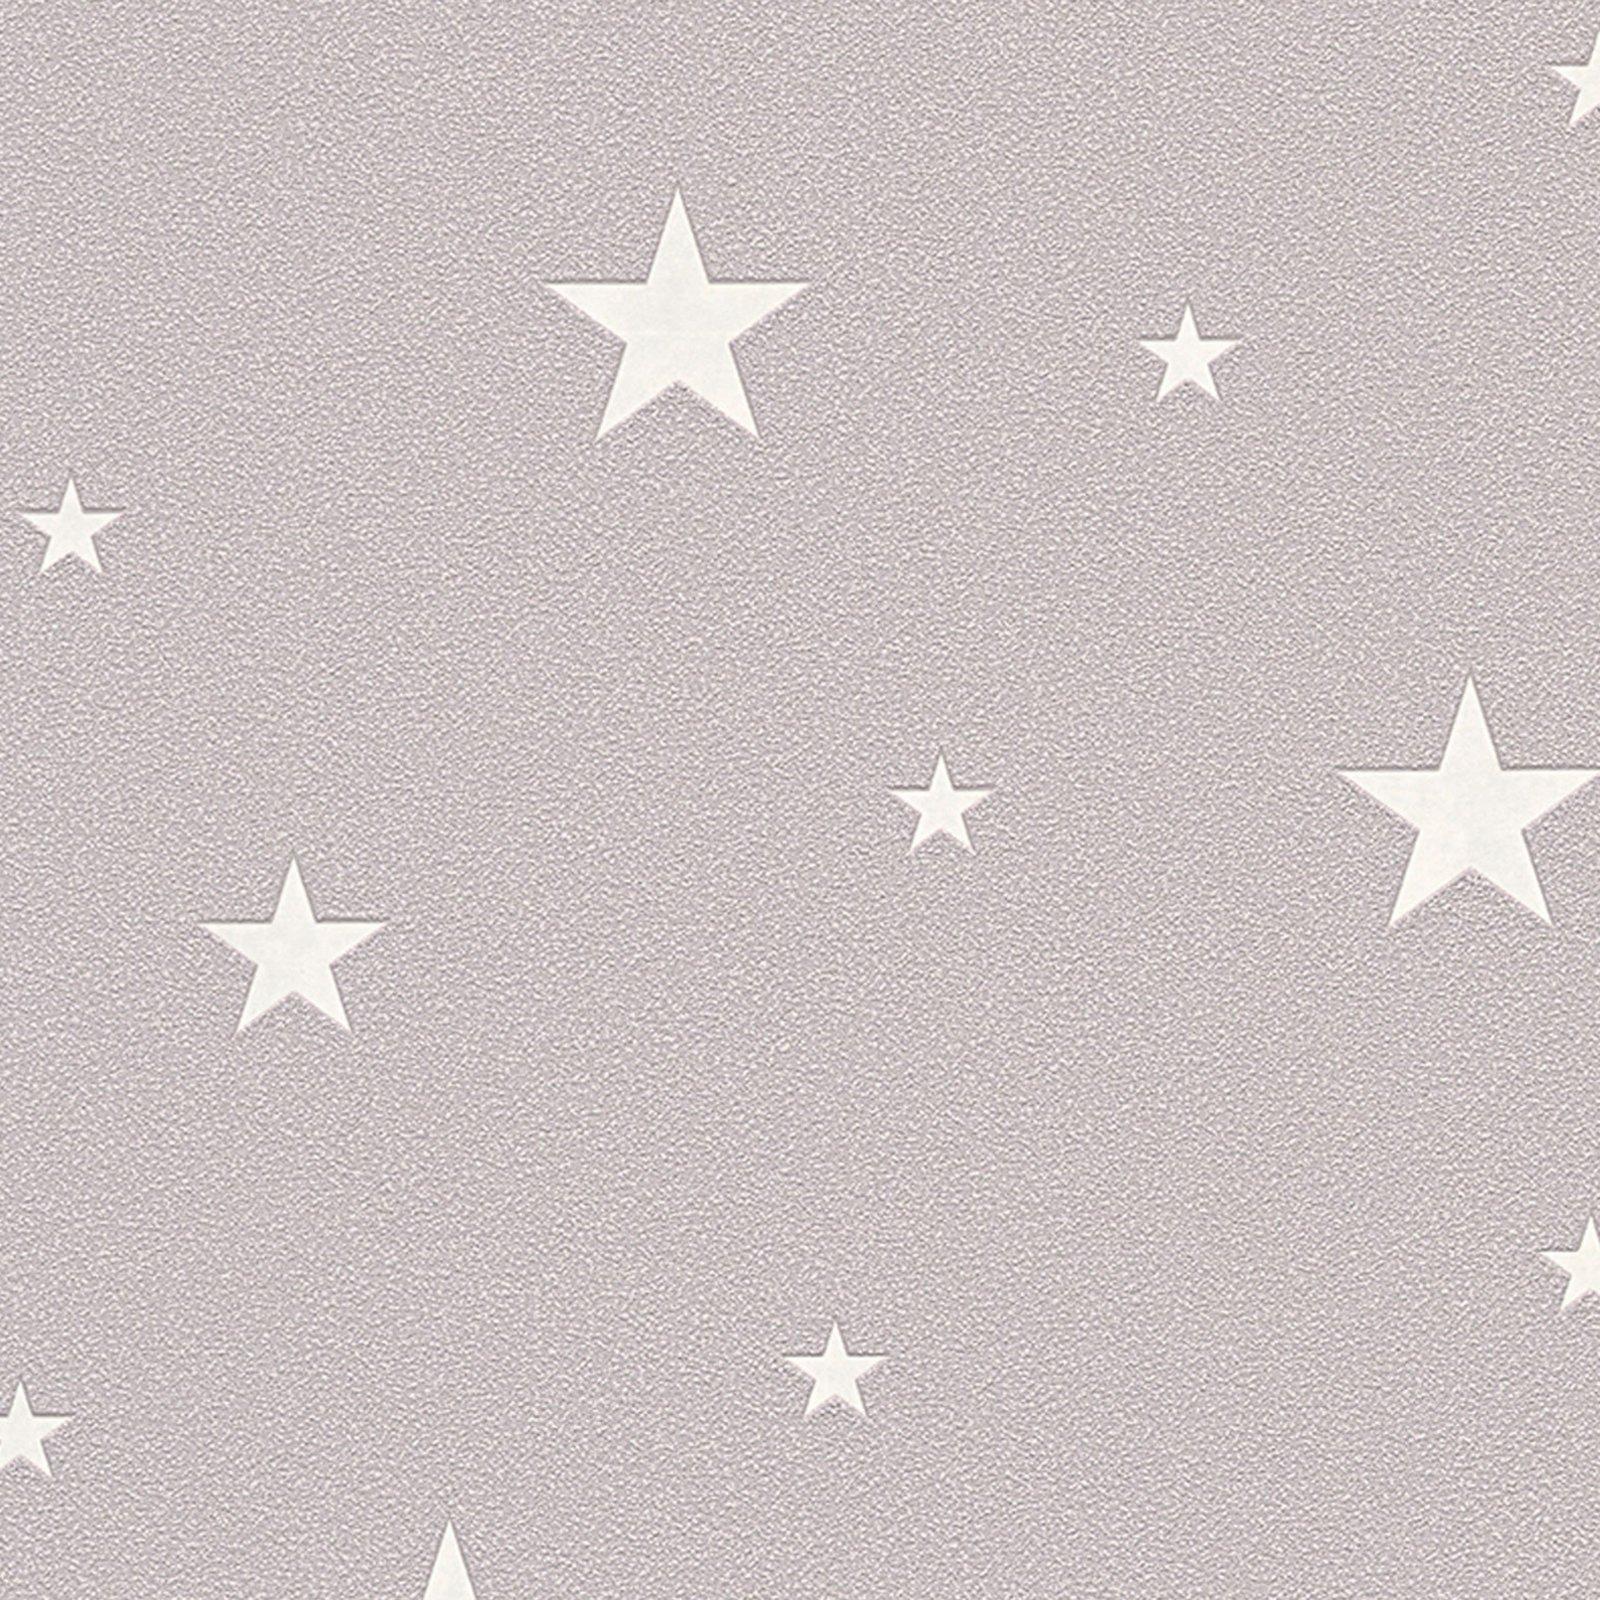 A.S. Creation Vliestapete DAY & NIGHT - beige - Leuchtsterne - 10 Meter